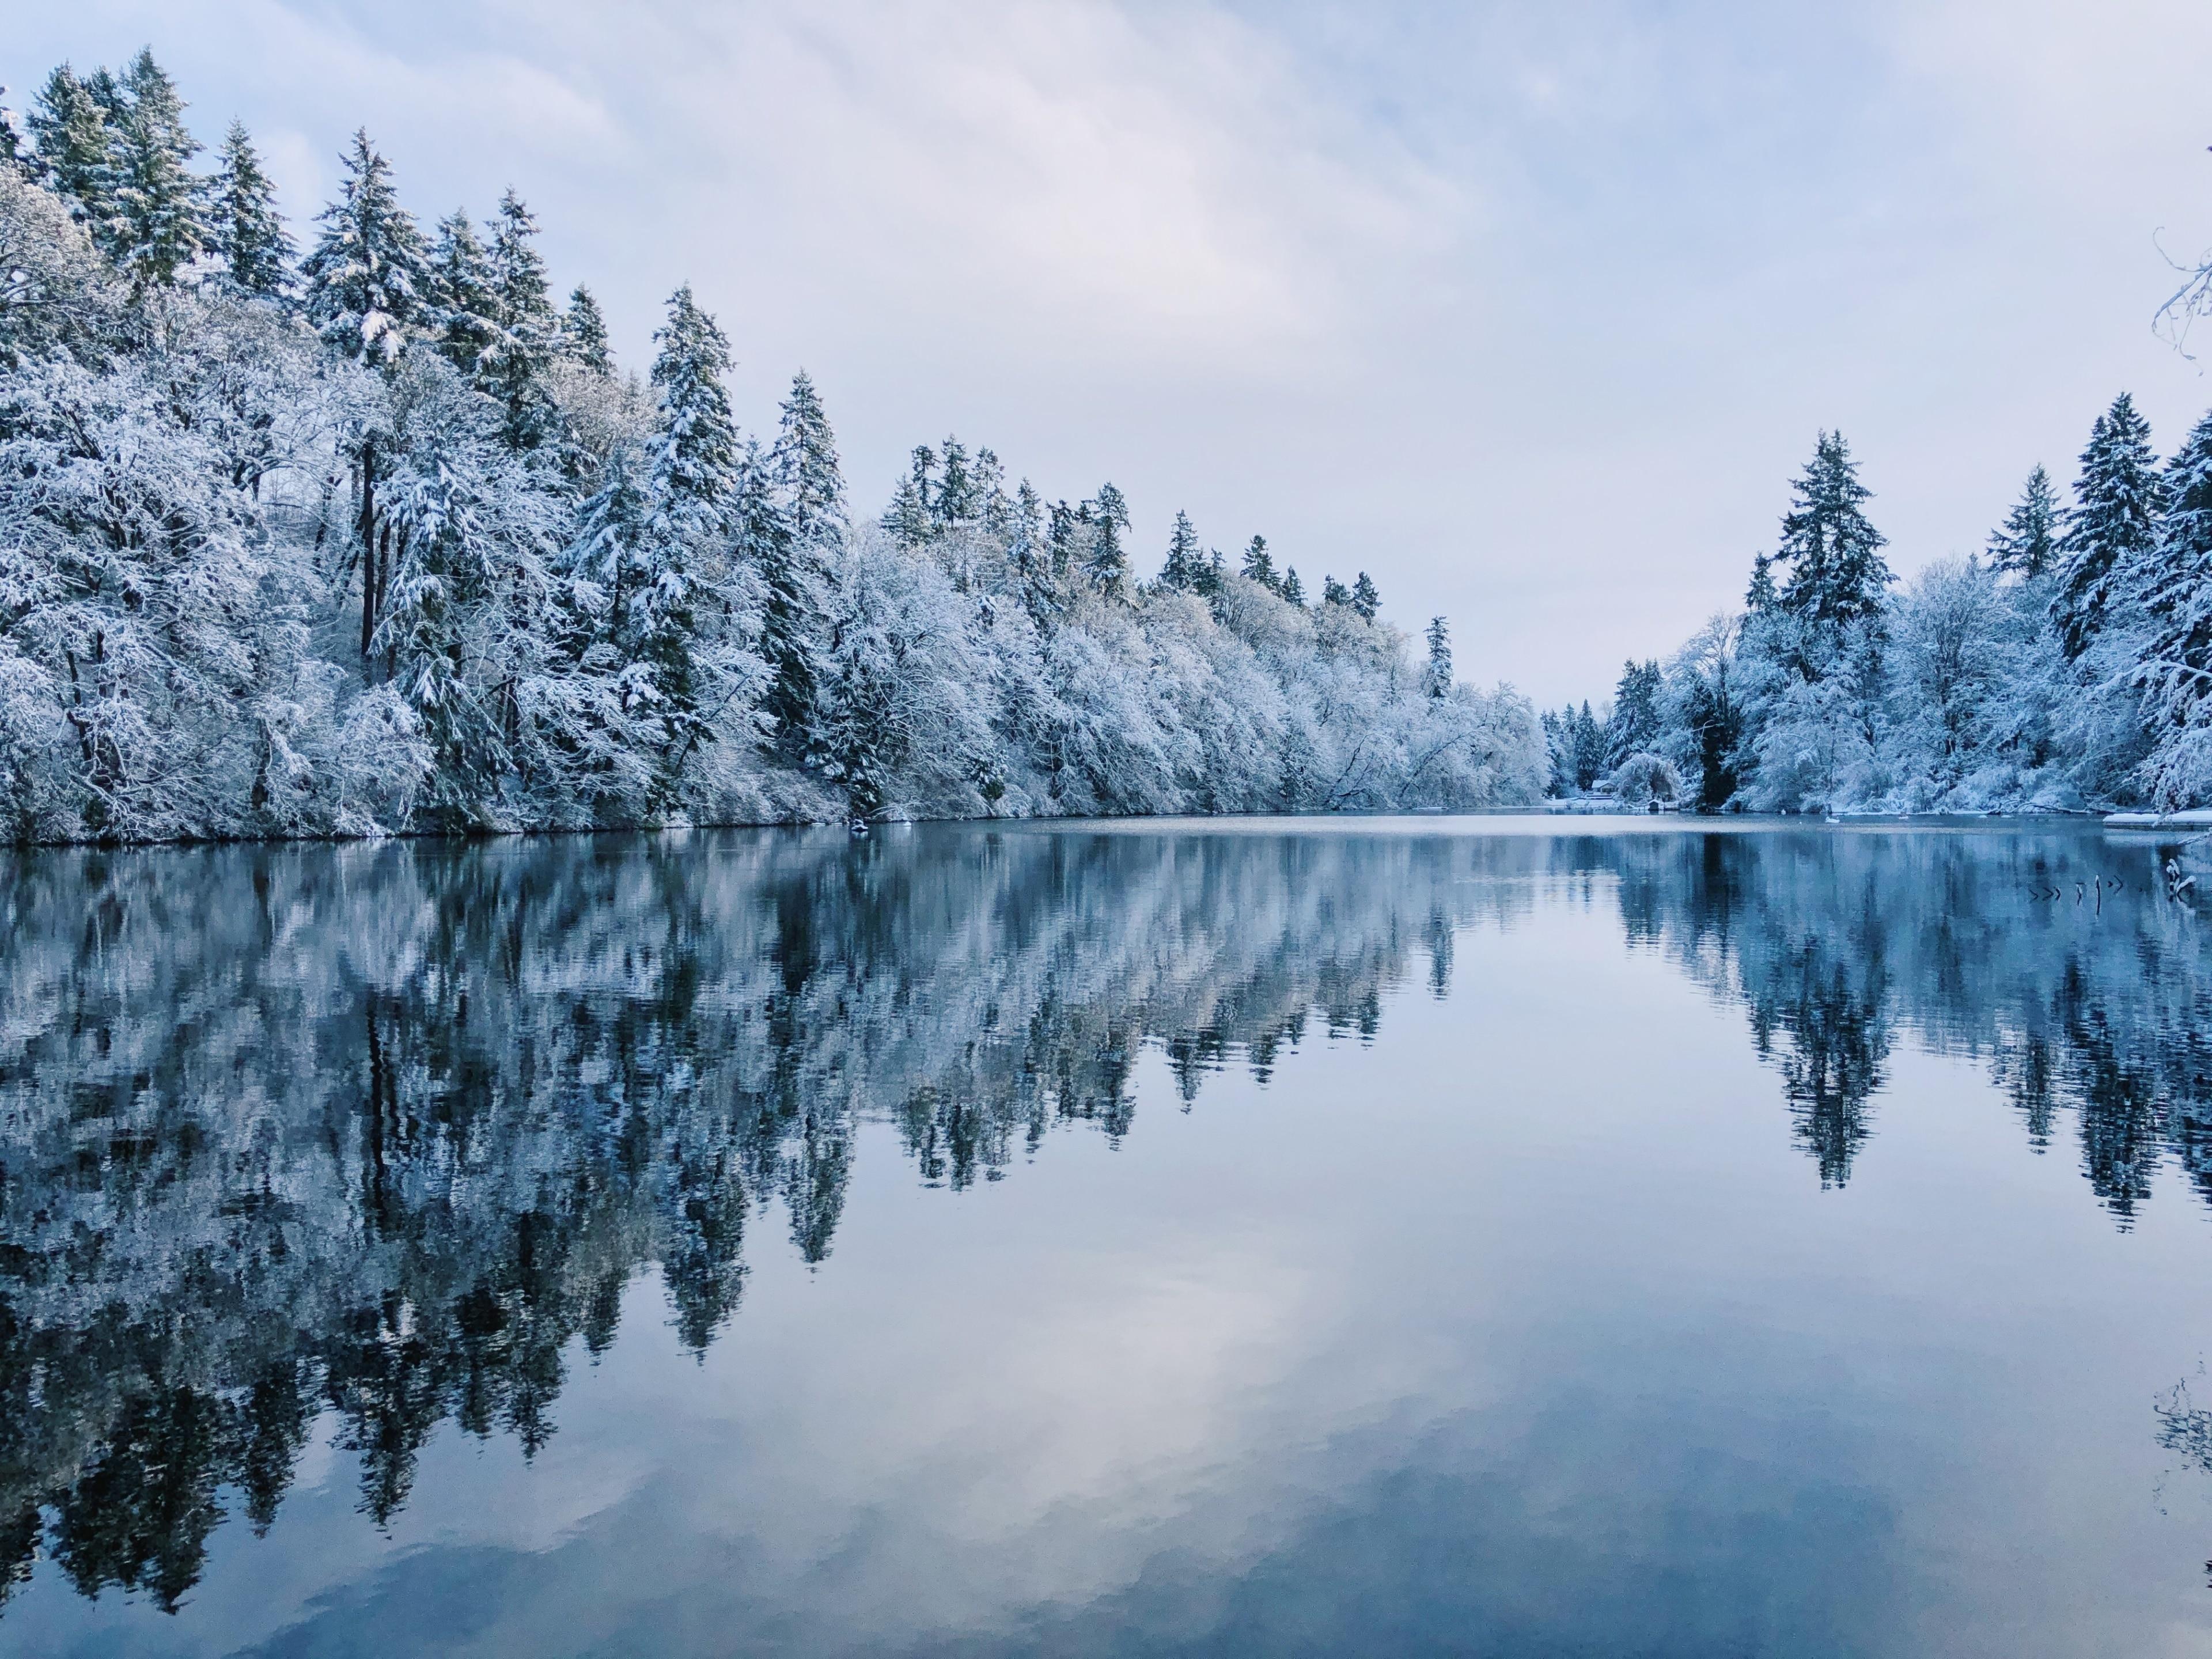 Lake Fenwick Park, Kent, Washington, Verenigde Staten